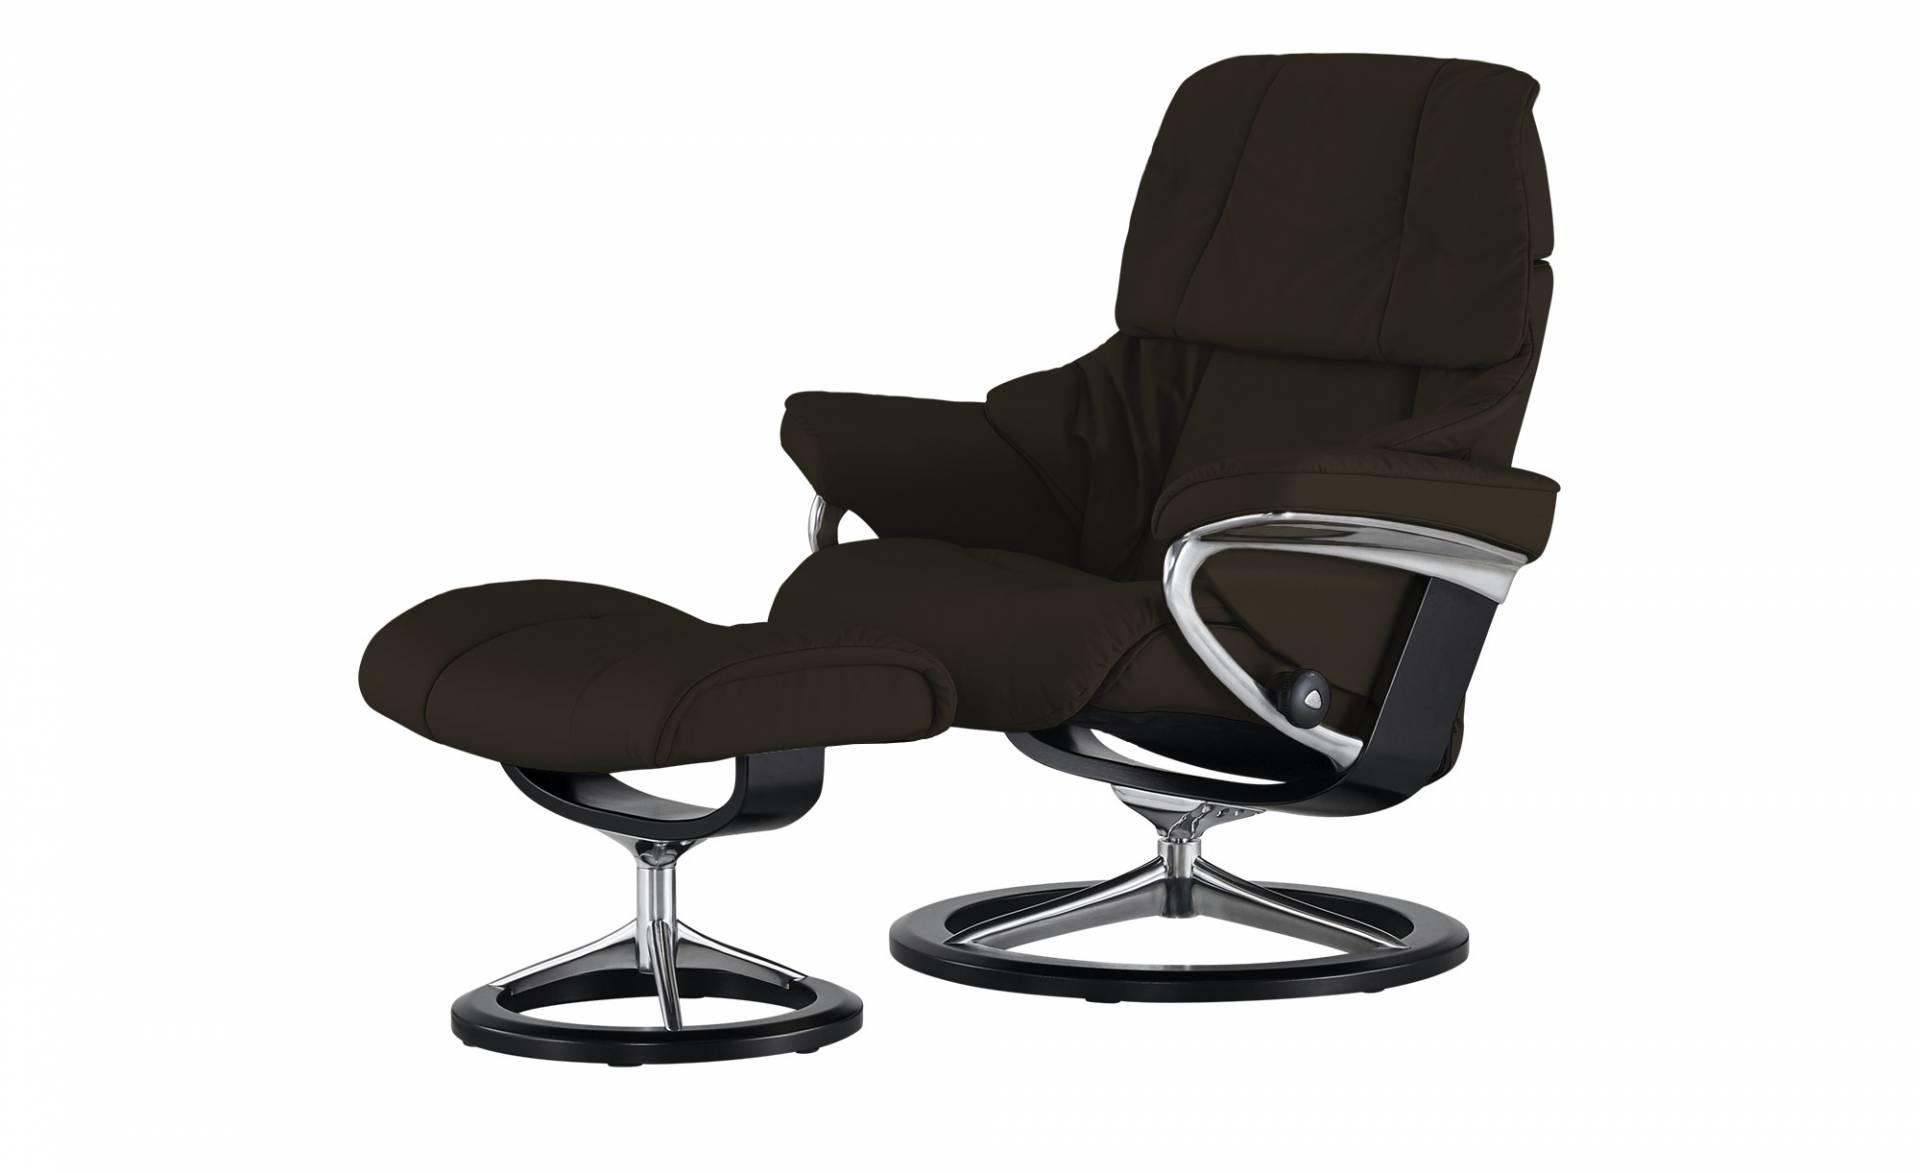 braun lederhocker und weitere hocker g nstig online kaufen bei m bel garten. Black Bedroom Furniture Sets. Home Design Ideas